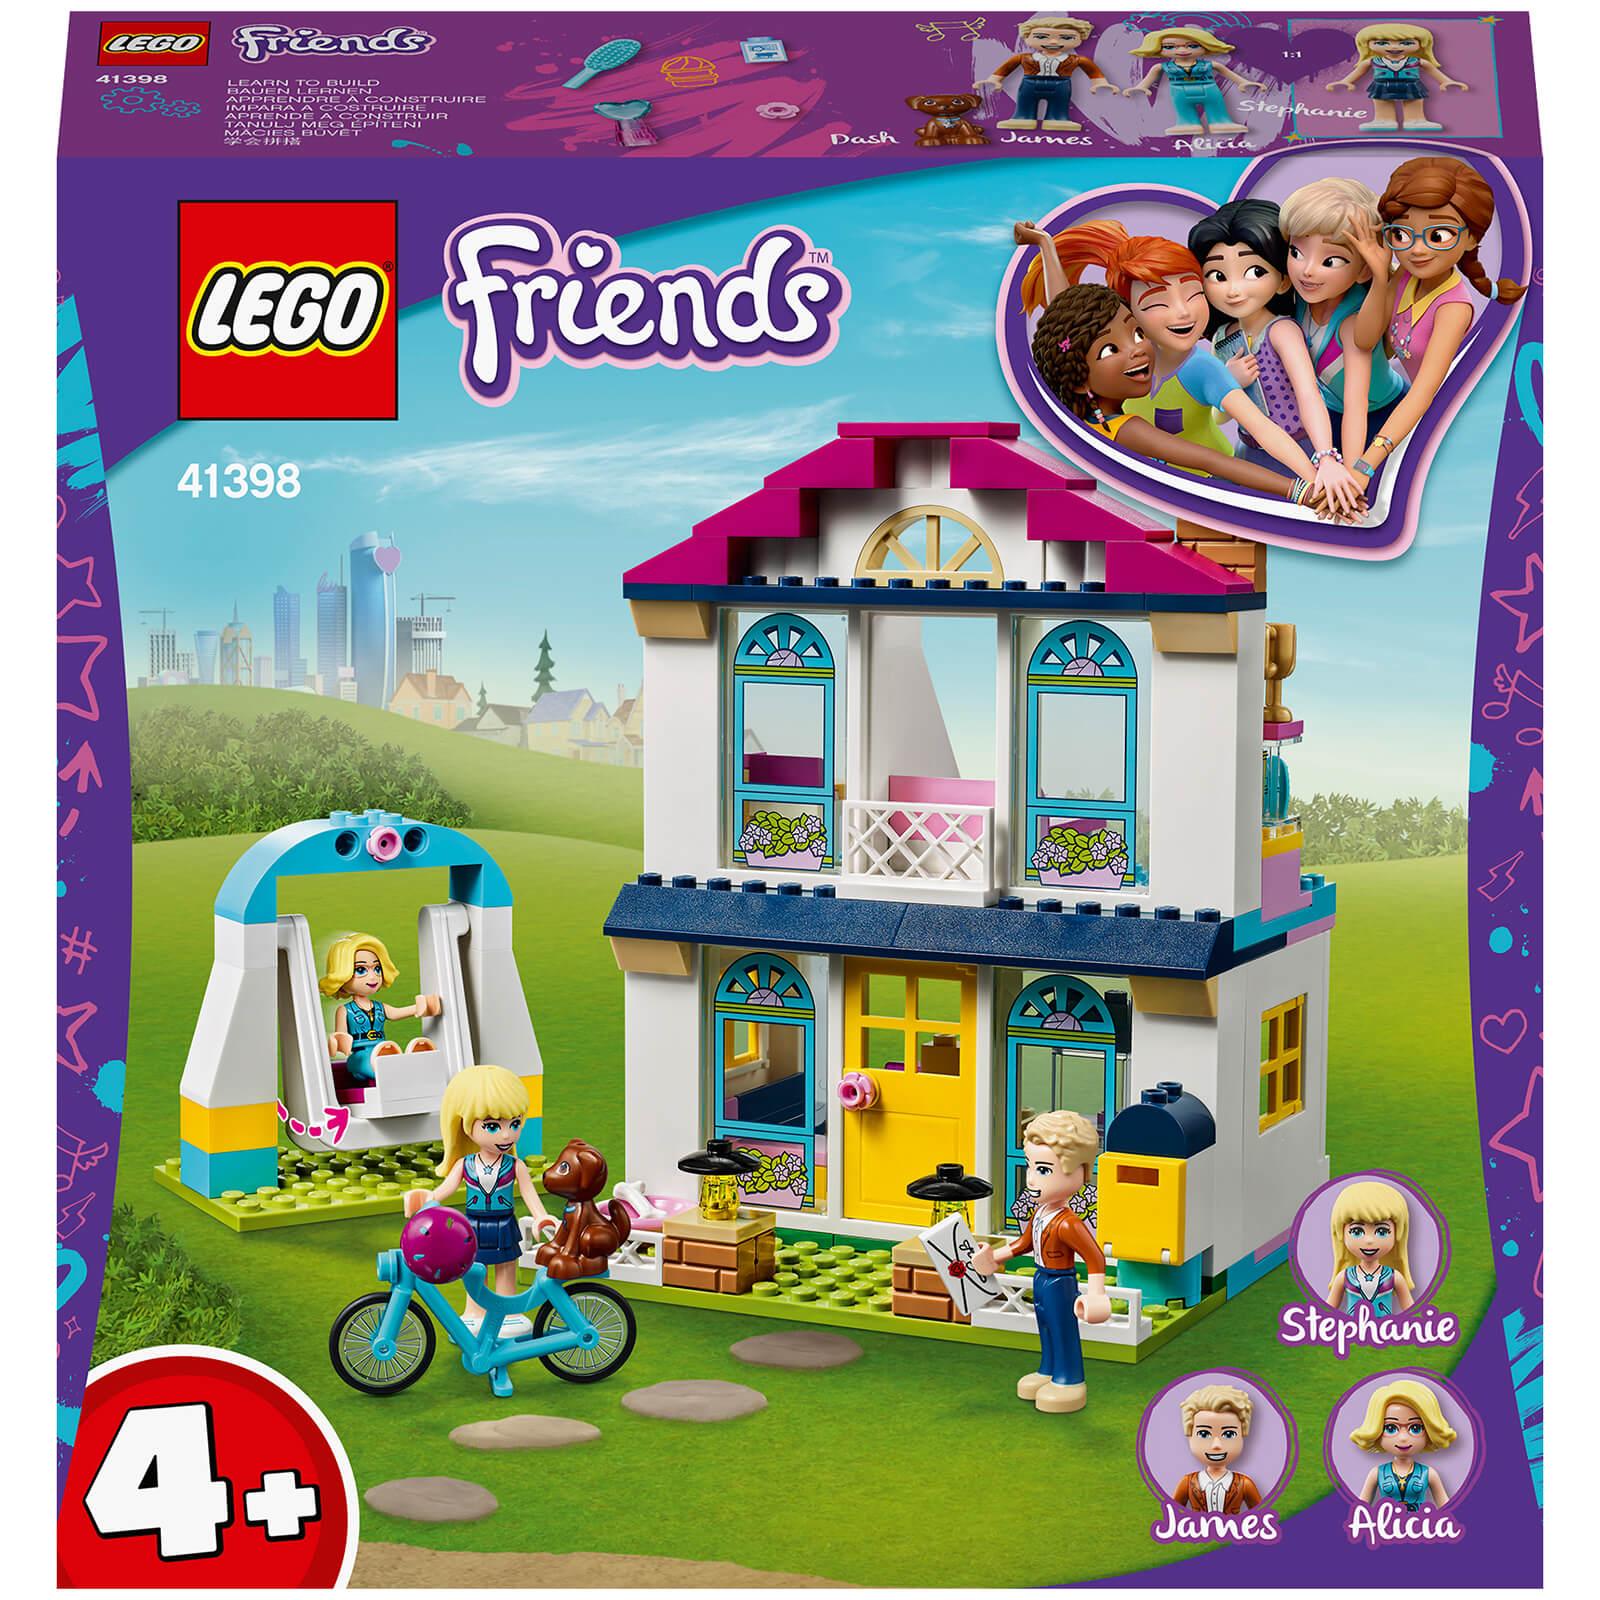 LEGO Friends: 4+ Stephanies House Mini Doll Play Set (41398)